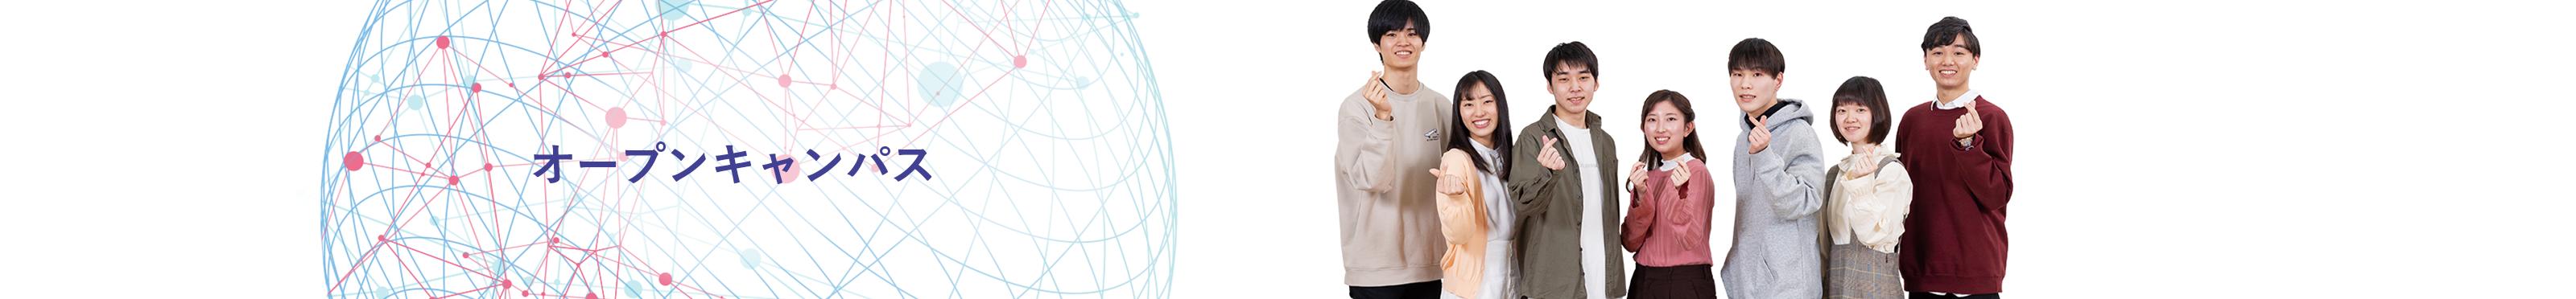 新潟高度情報専門学校 オープンキャンパス